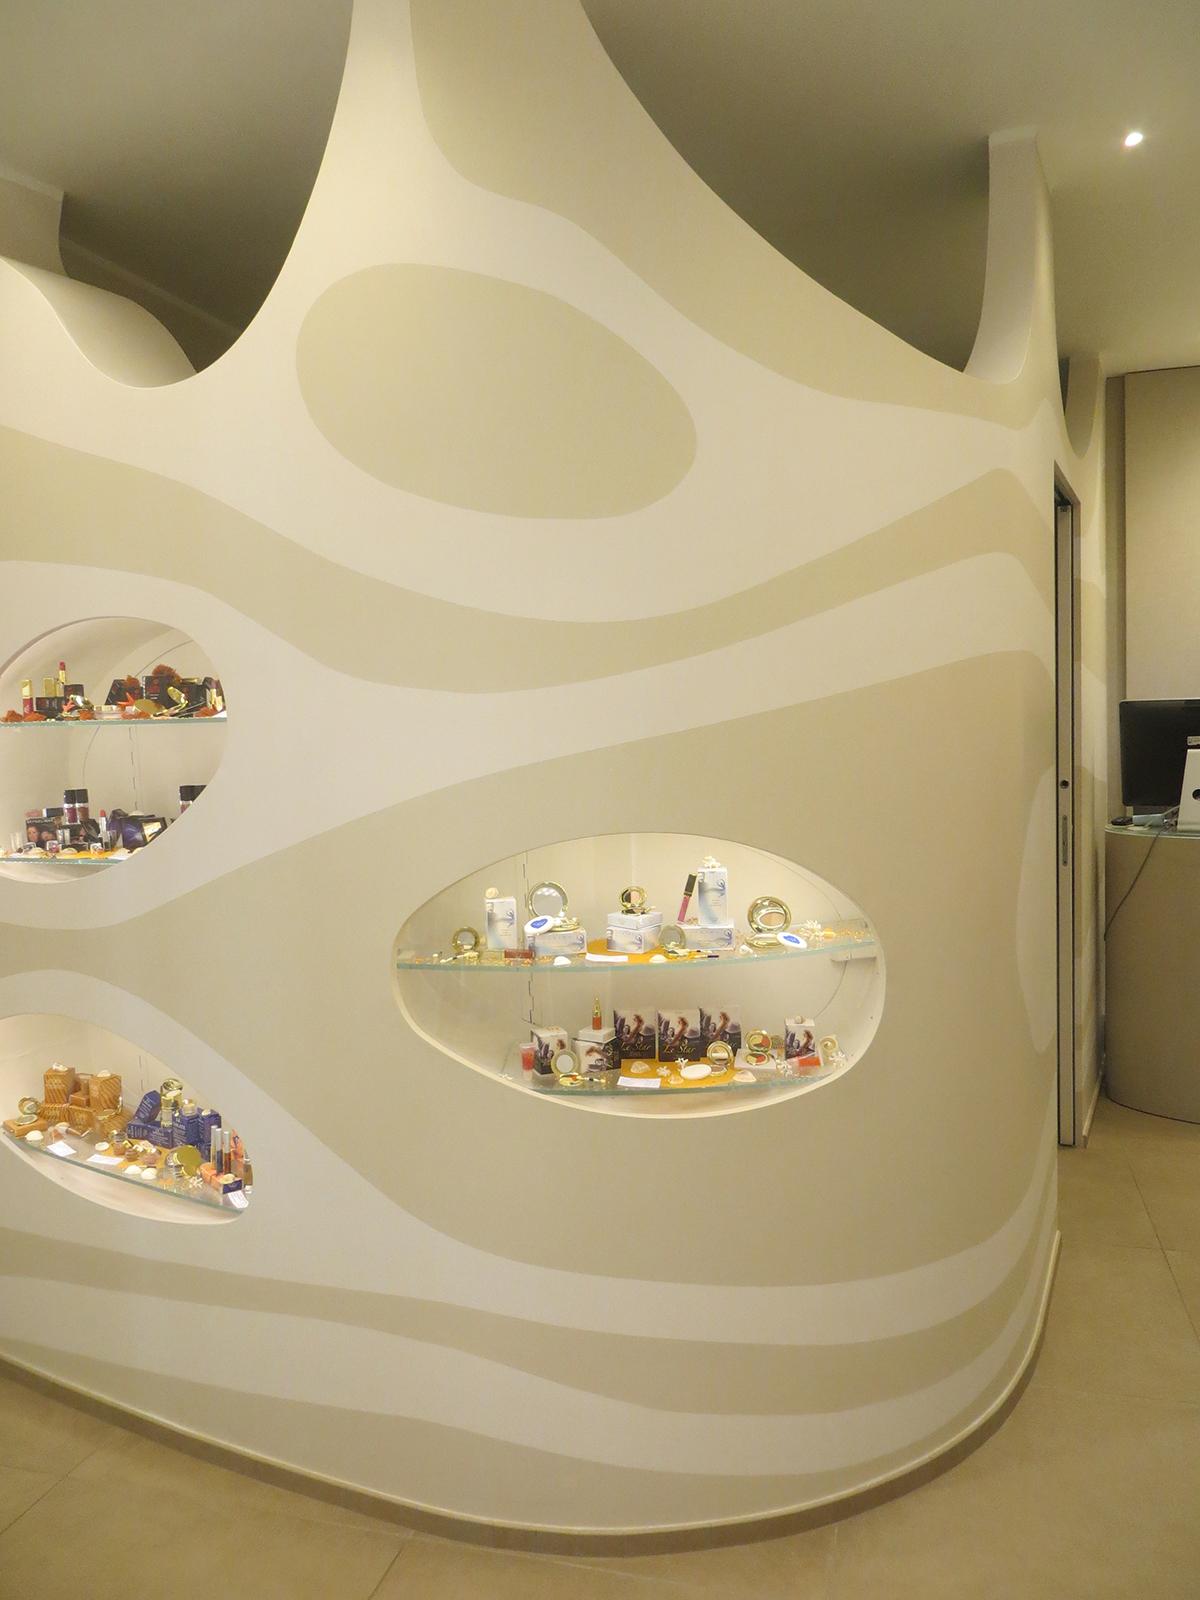 Studio-di-architettura-Baisotti-Sigala-prgetti226